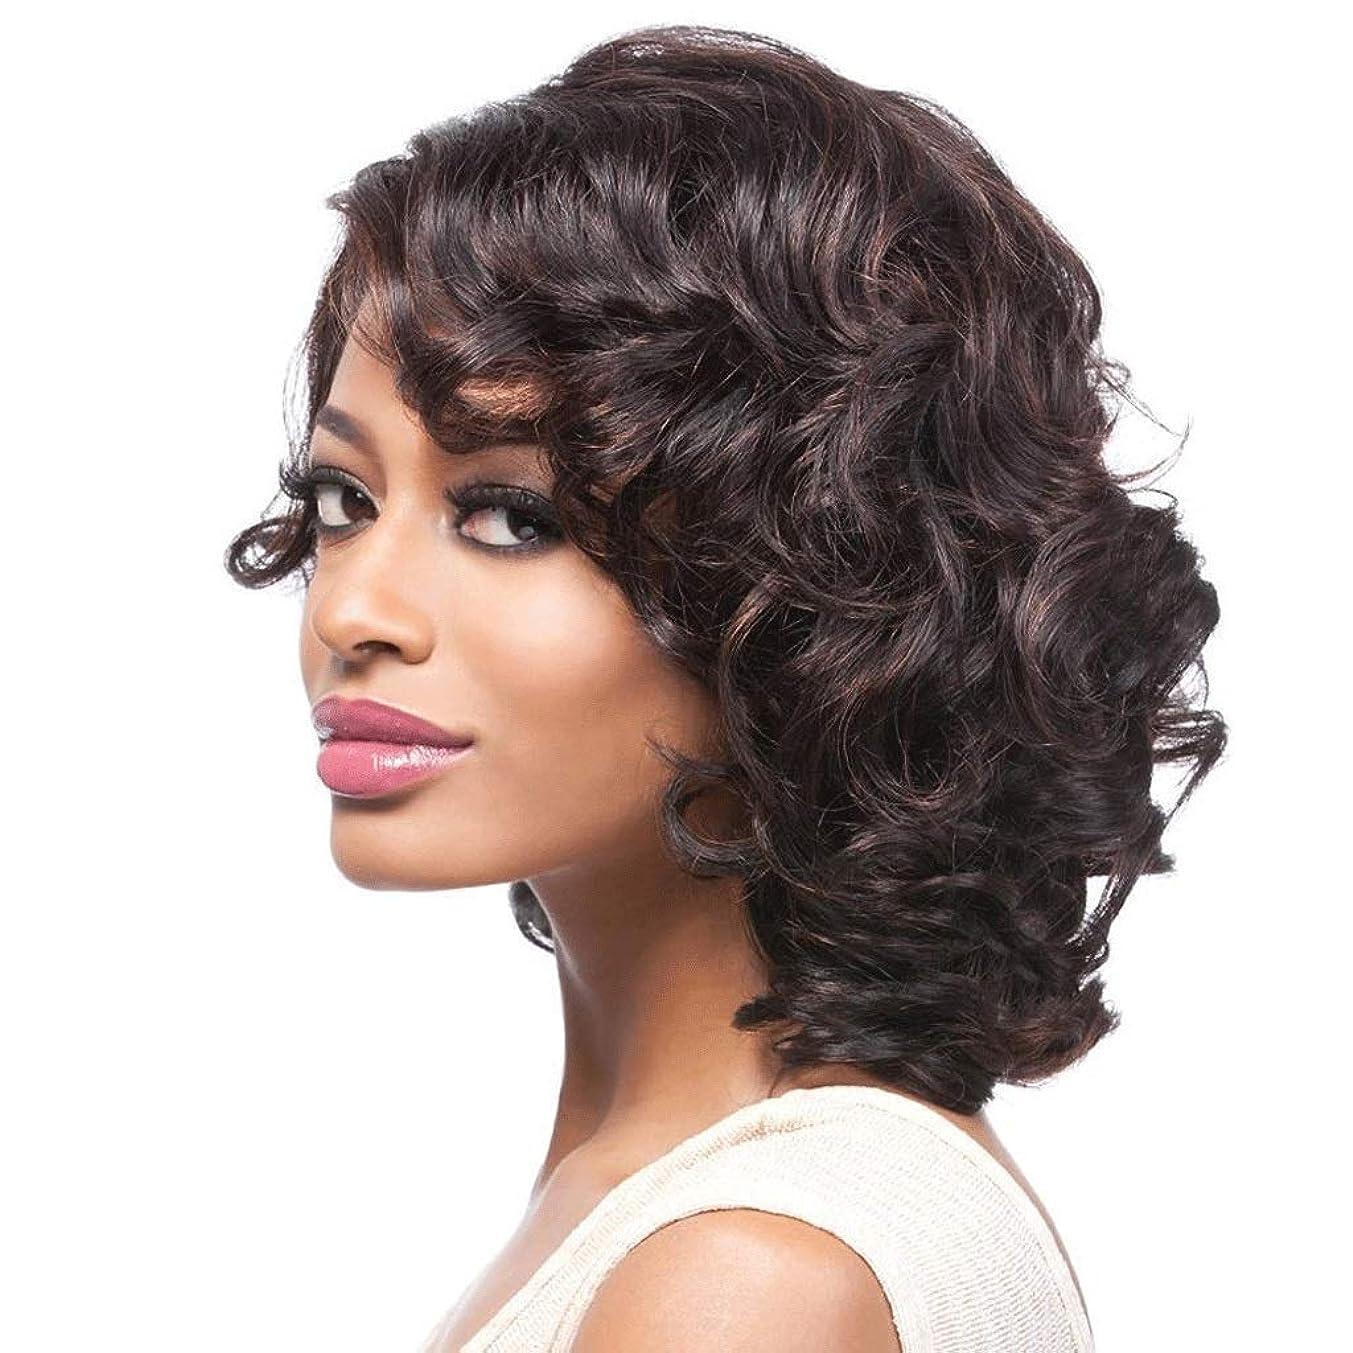 アルバムポーズバスト黒人女性のための短いウェーブのかかった髪のかつら12インチ、100%合成耐熱150%密度 (色 : ブラック)